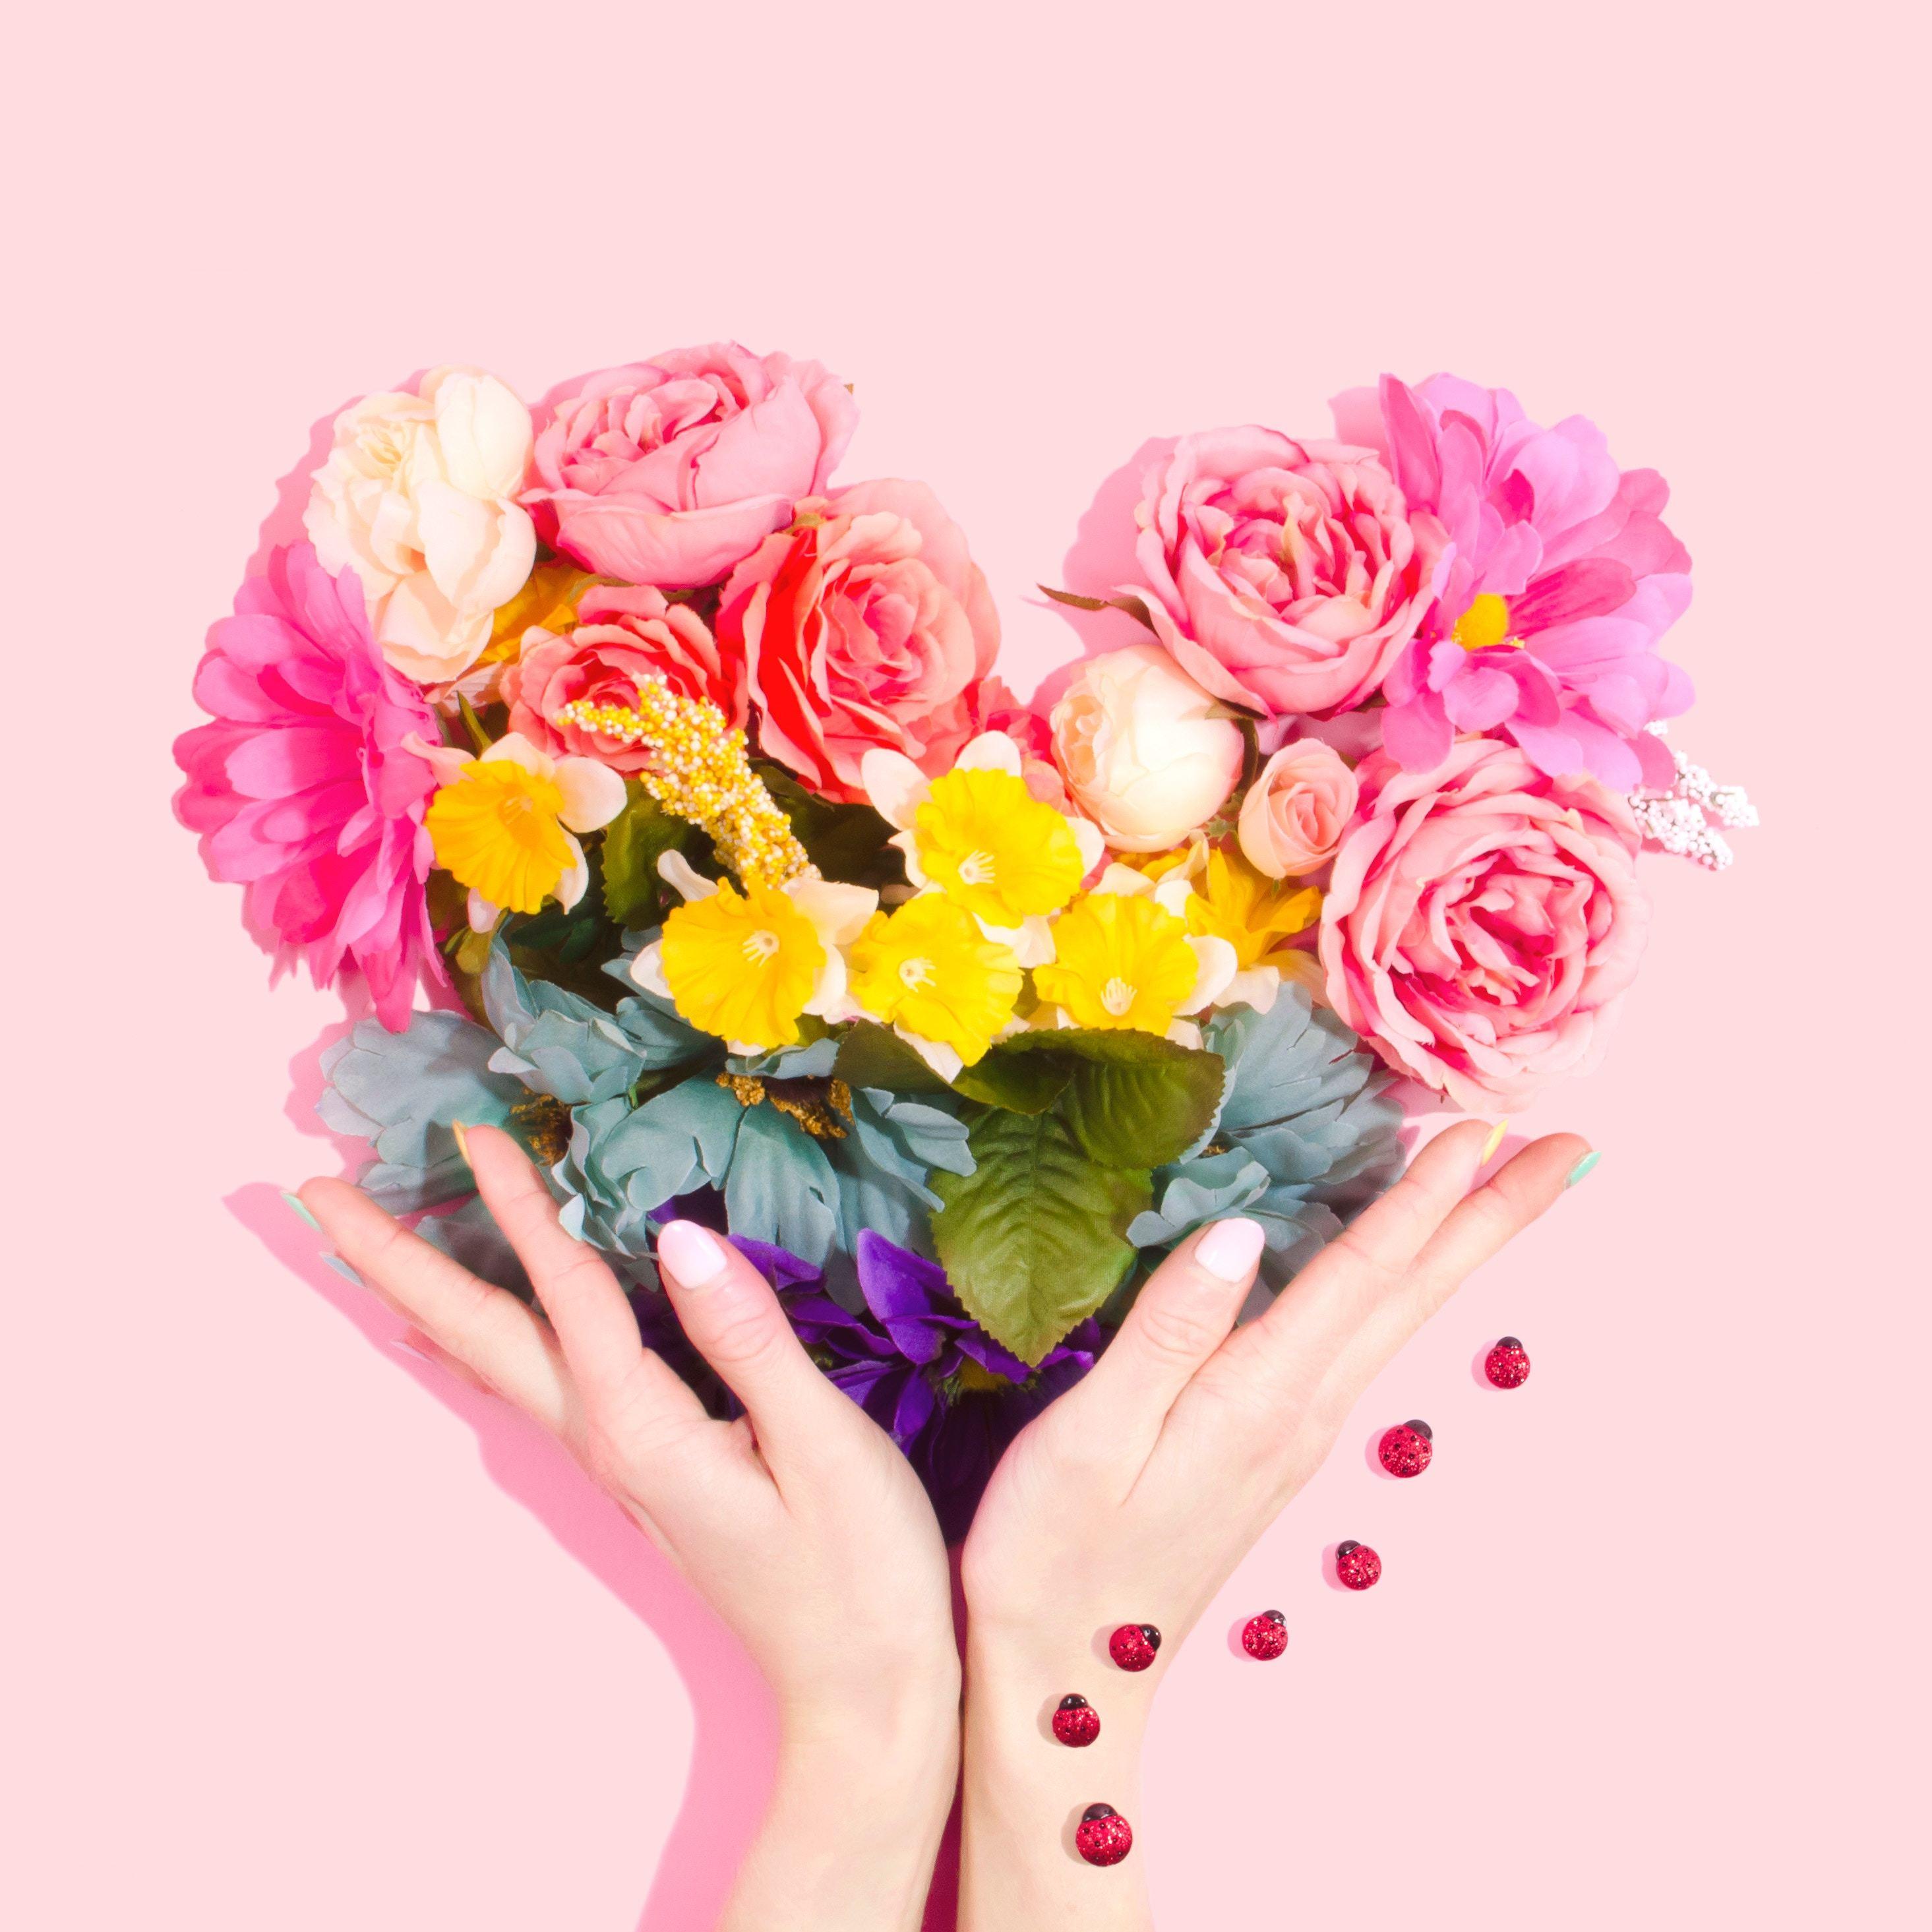 8c85e5286a6b La Saint-Valentin en quelques fait amusants – Blog – Barnebys.fr